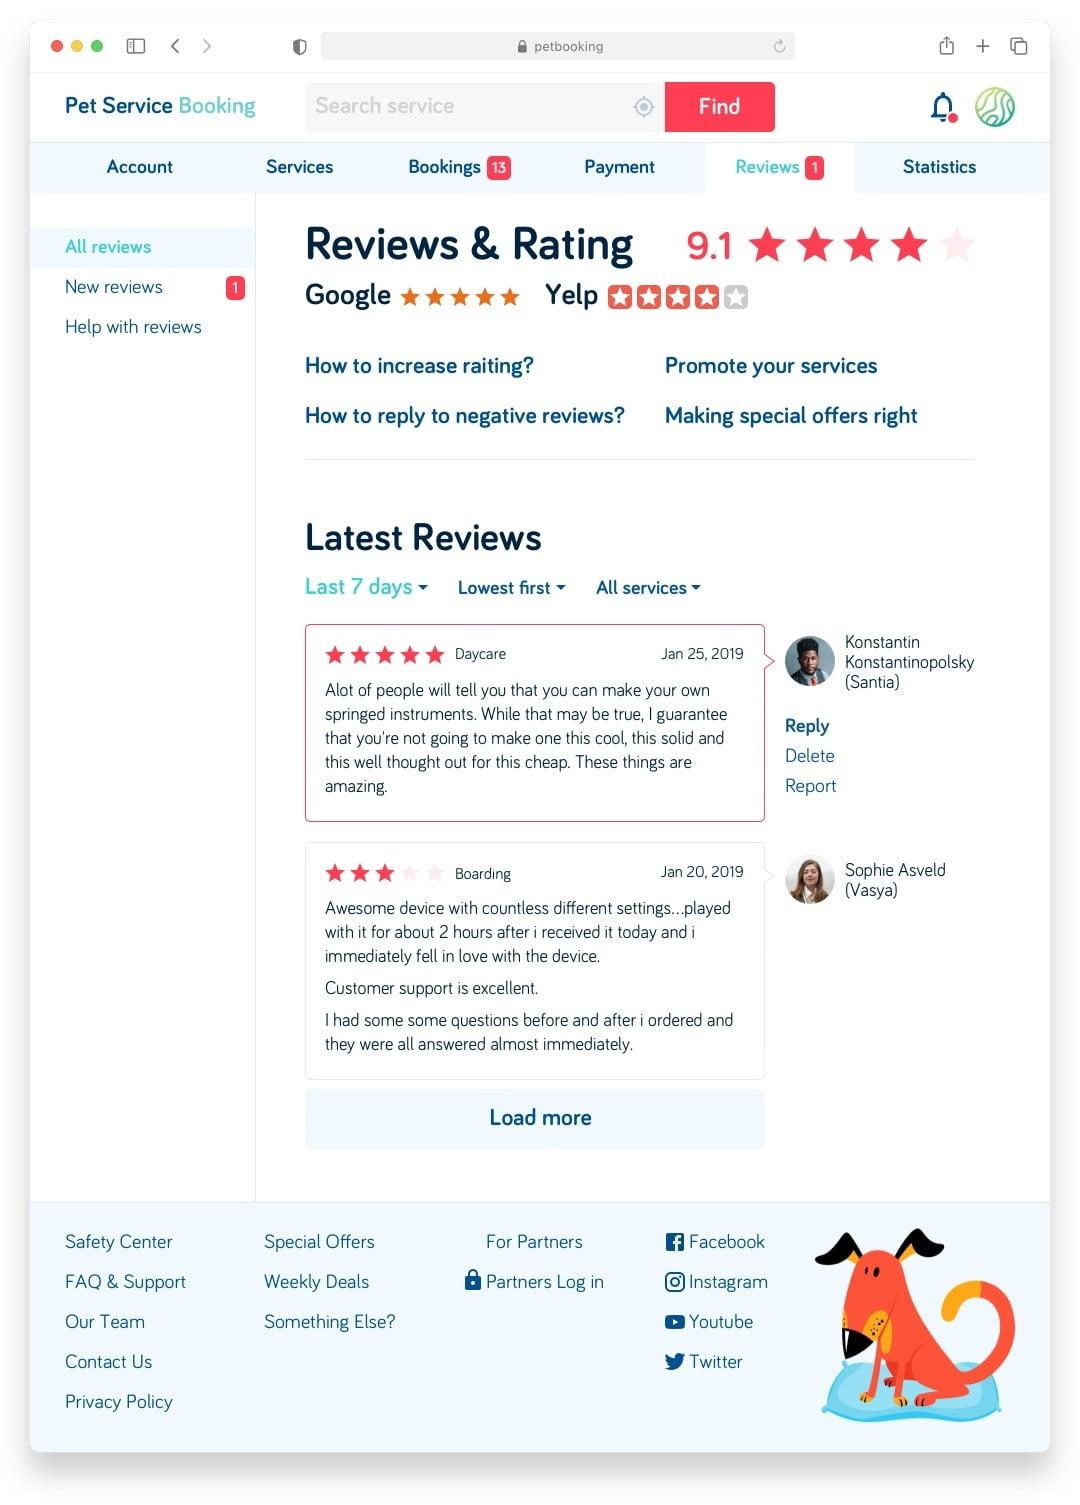 Букинг для собак Pet Booking Сайт Артура Нецветаева — сайты, приложения, прототипы и оформление интерфейсов petbooking partner reviews desktop artur netsvetaev design